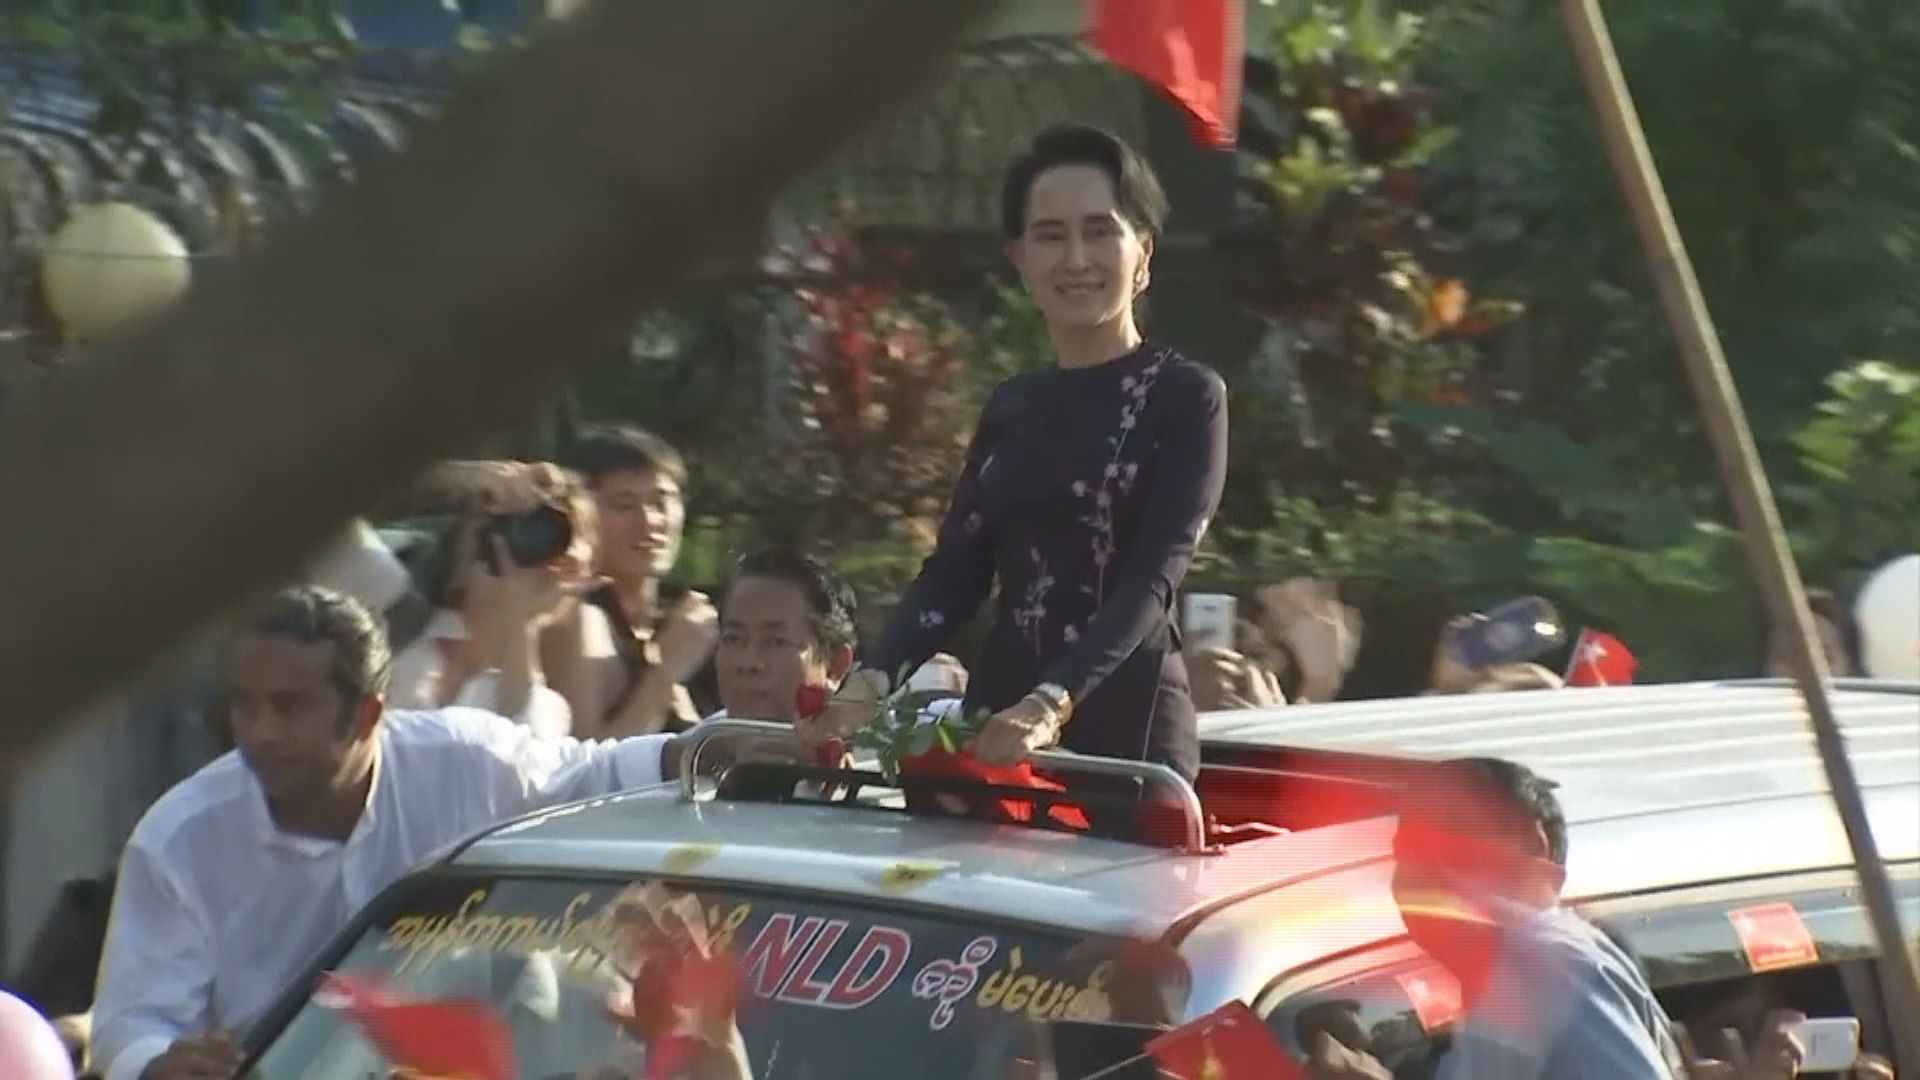 多國關注昂山素姬等緬甸政治領袖被捕 美國要求放人